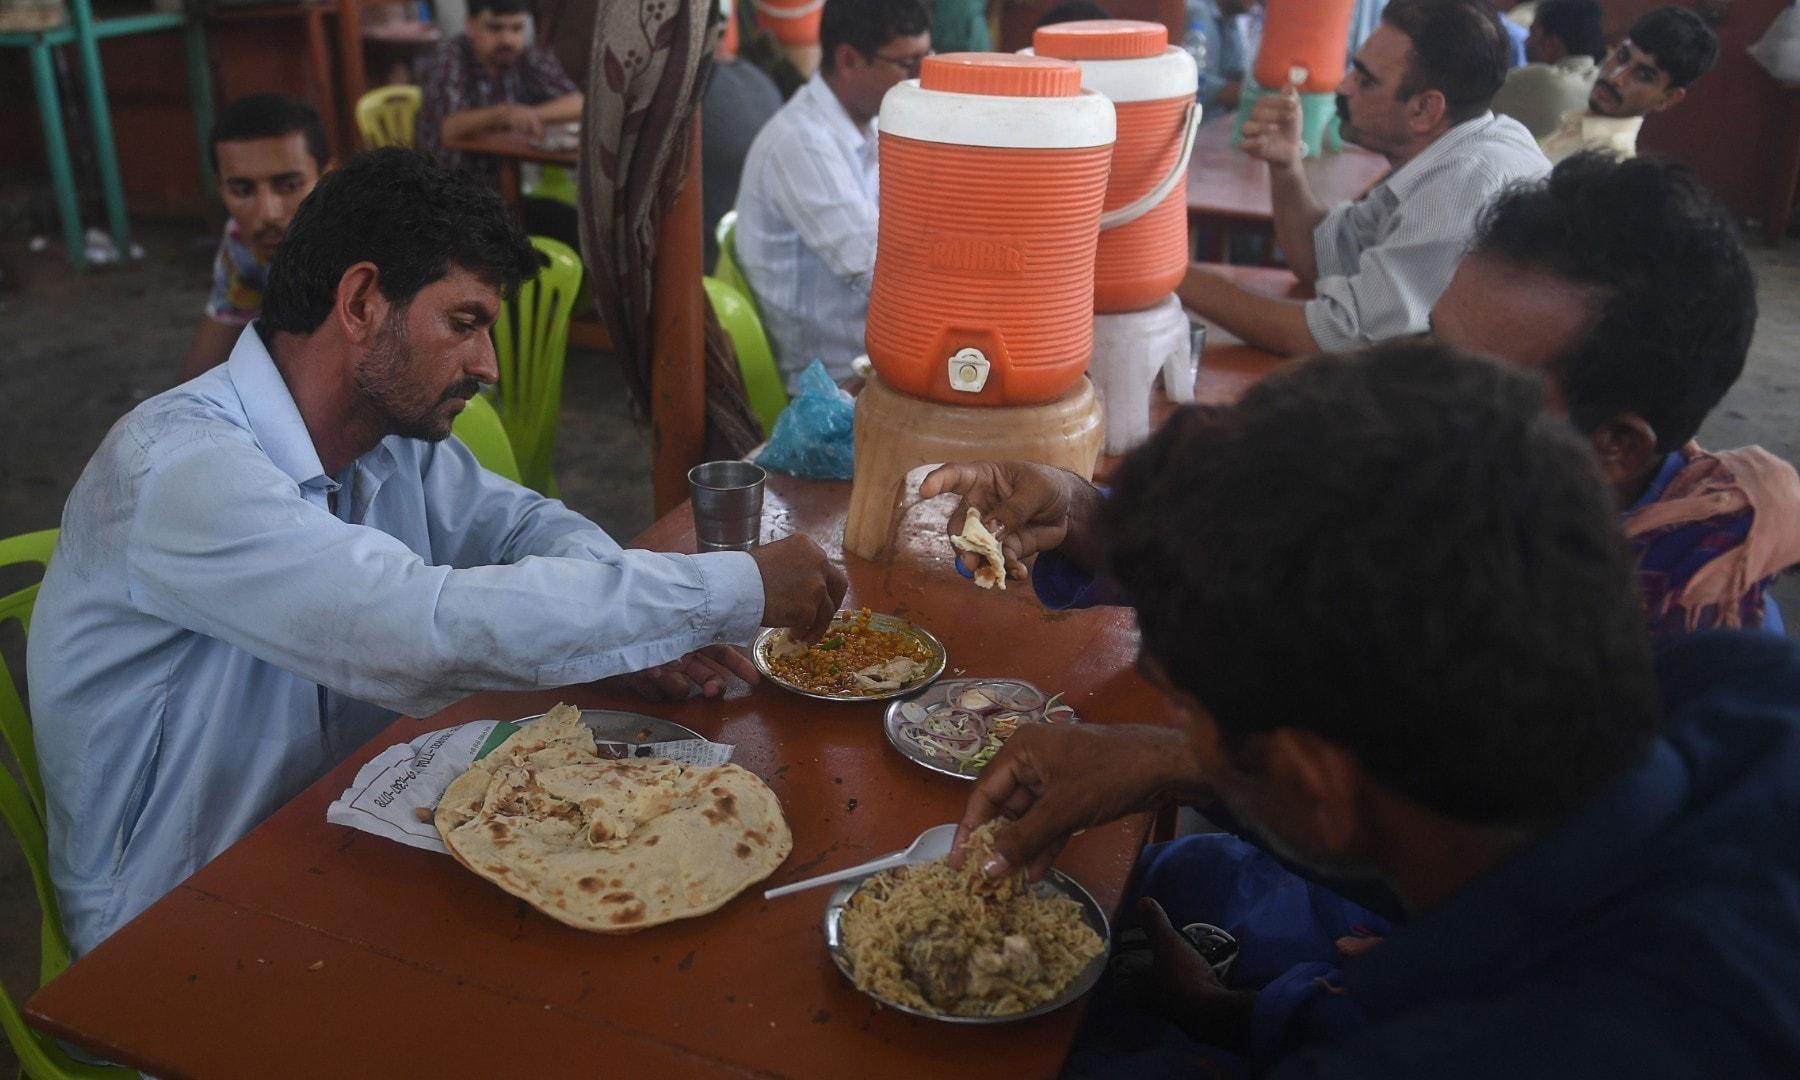 کراچی کی عوام کا چائے کے ڈحابے پر رش۔ فوٹو: اے ایف پی